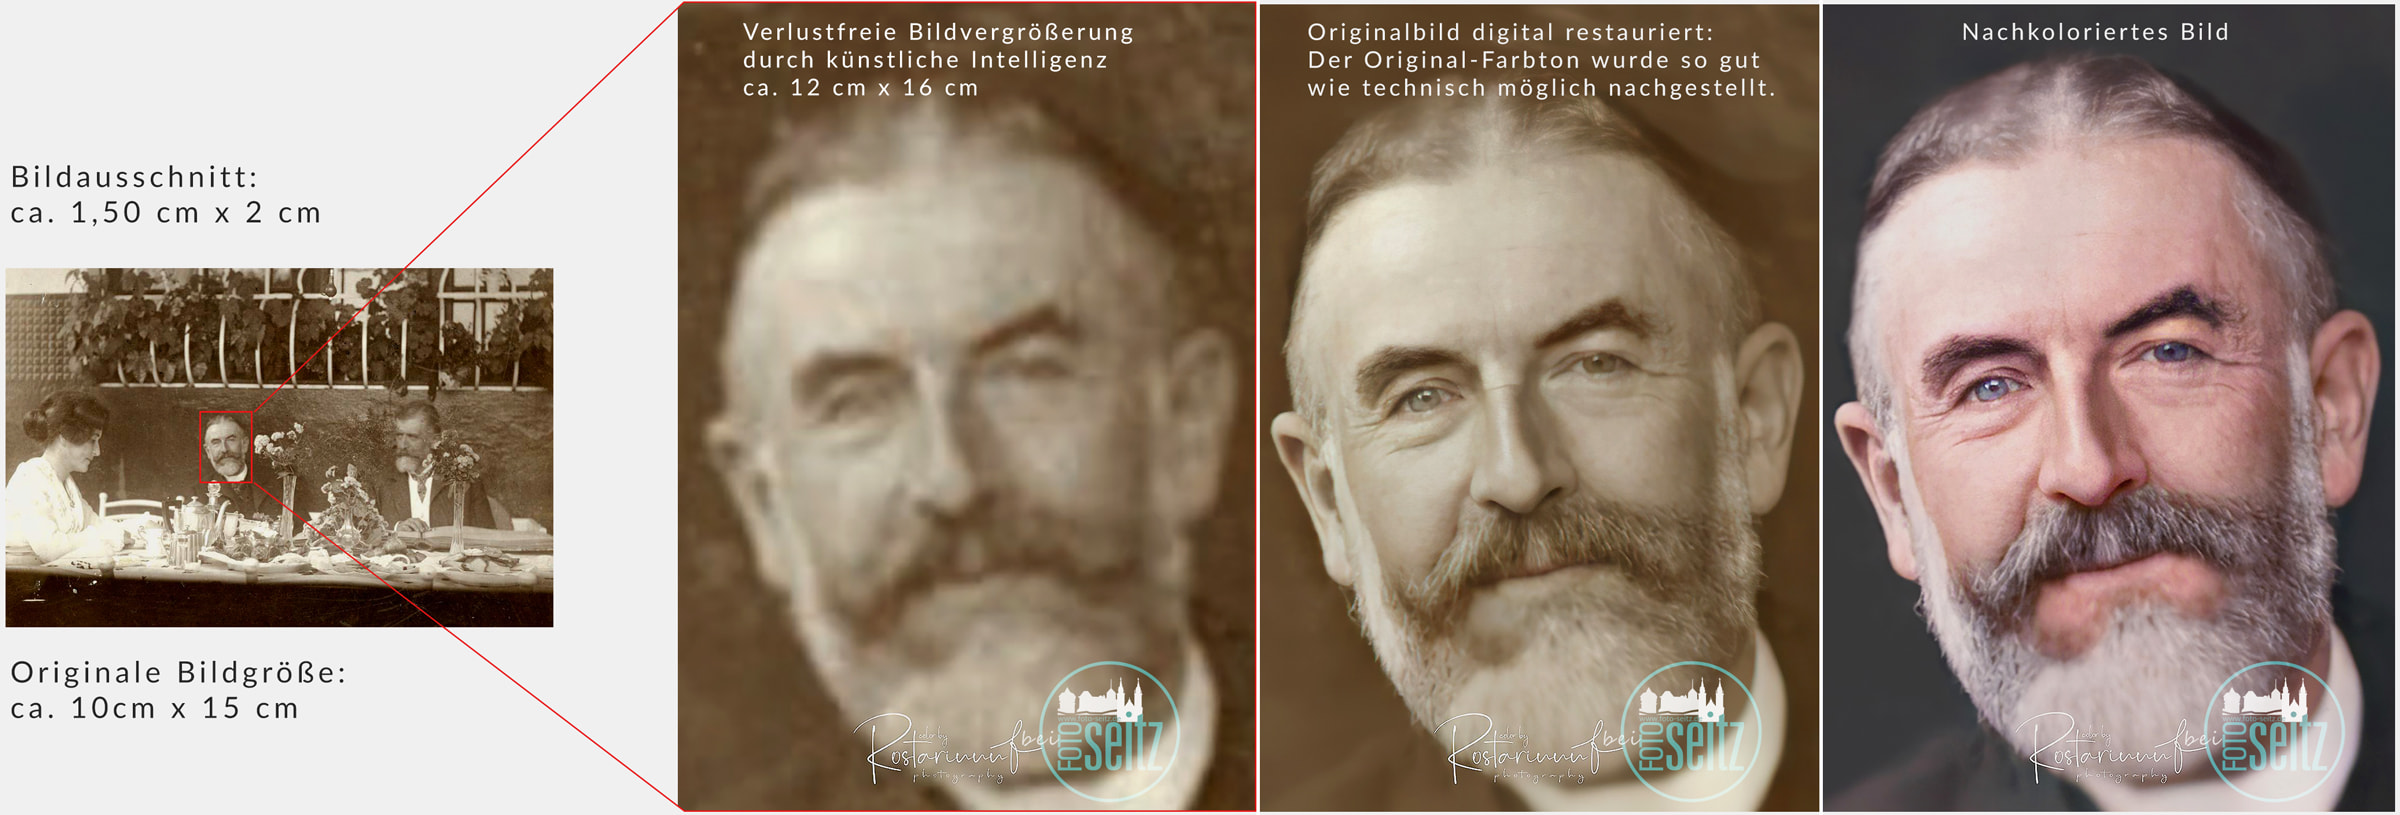 Fotorestaurierung Professionelle Fotoretusche und Bildbearbeitung bei Foto Seitz in Nürnberg